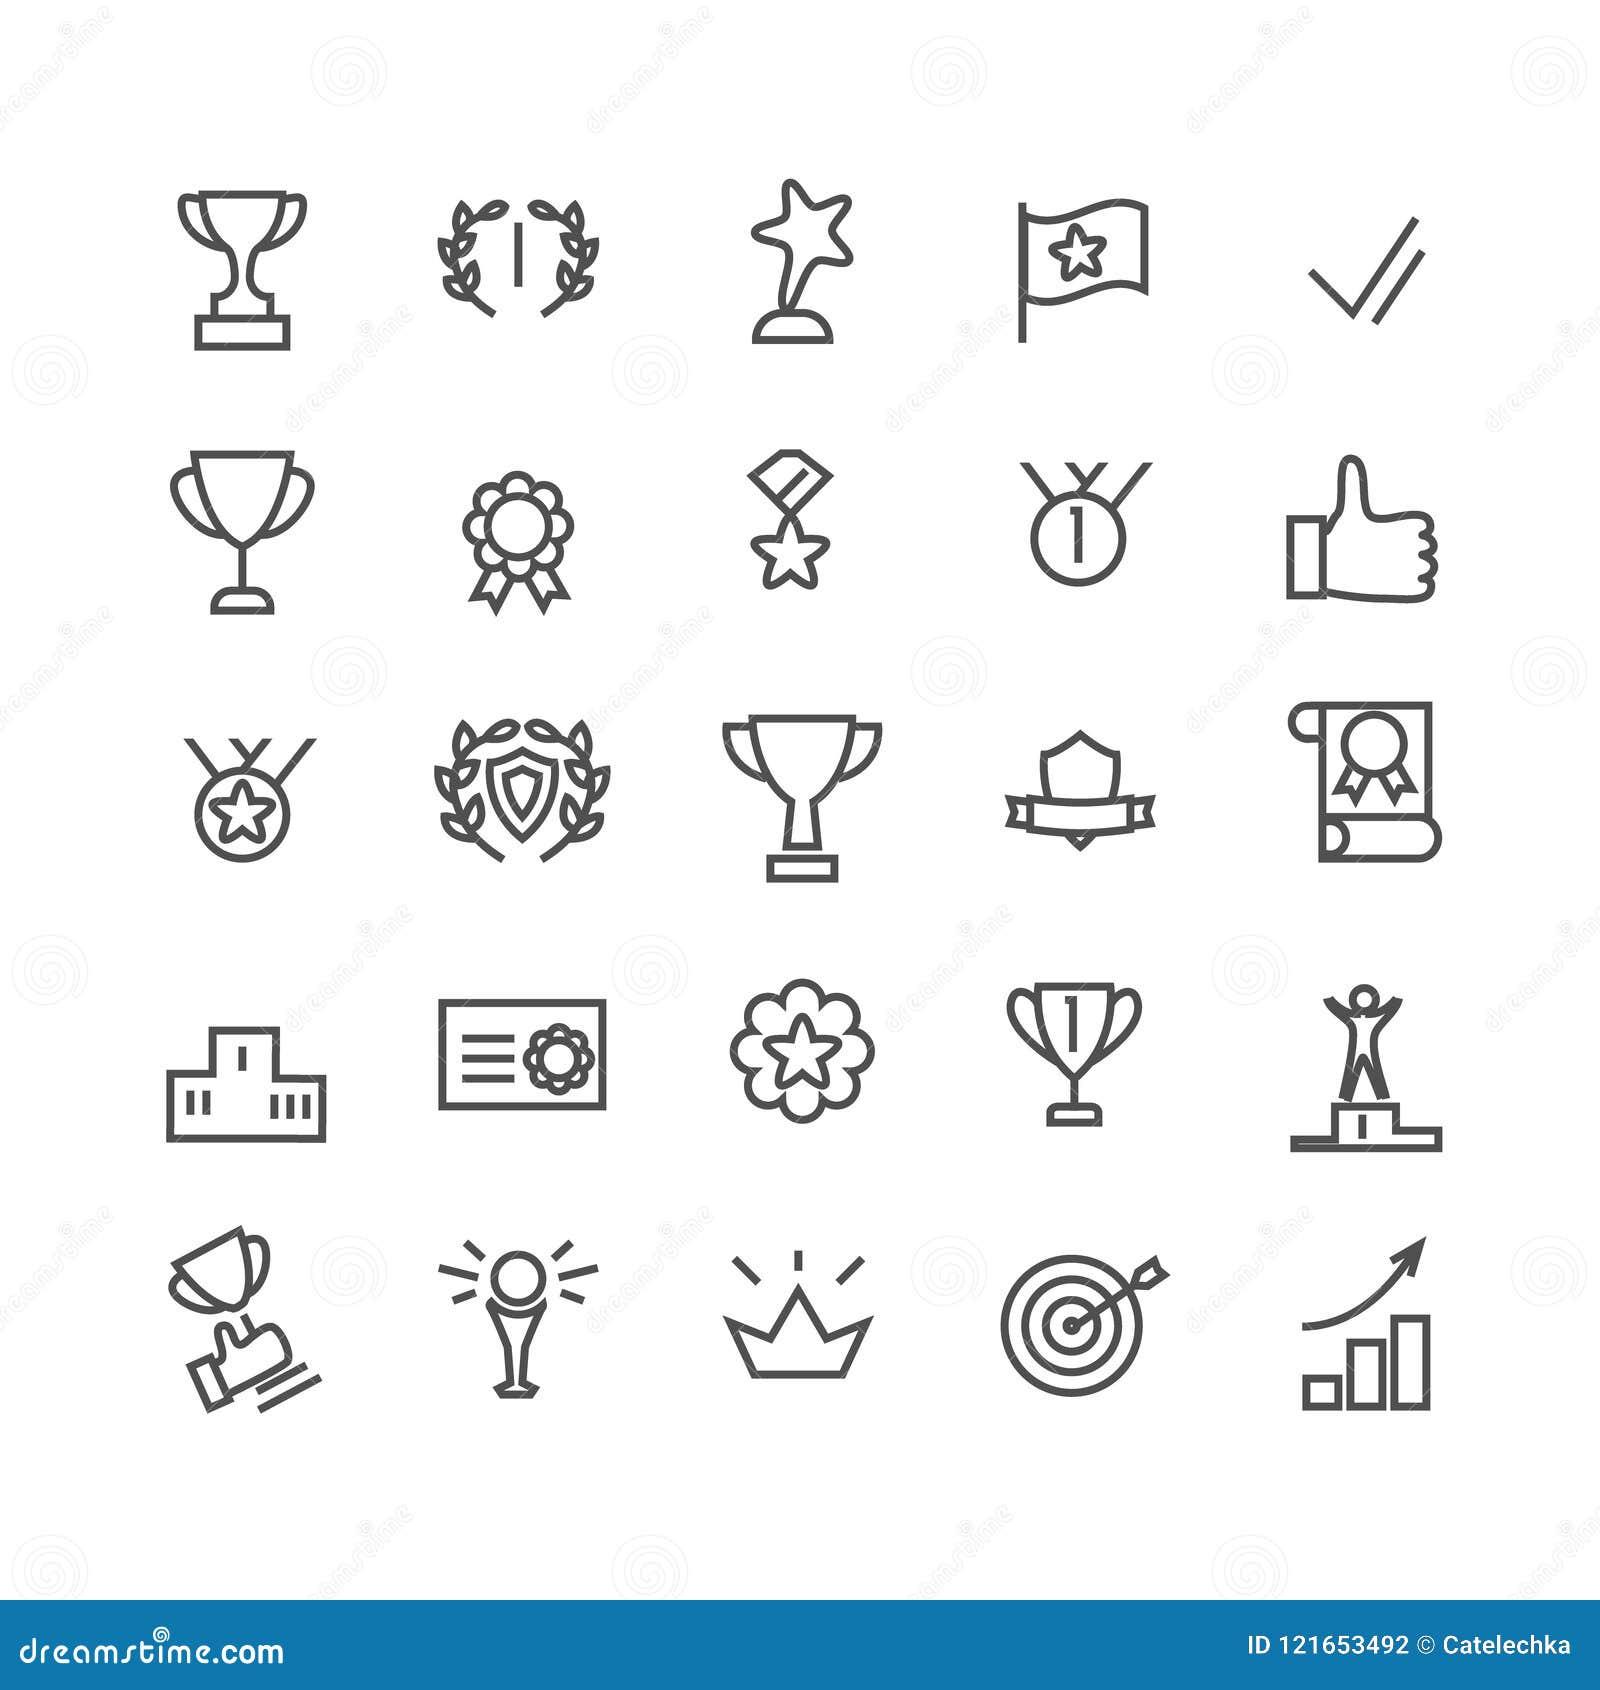 Preisikonensatz Linie Kunst Schließt solche Ikonen wie Trophäenschale, Ziel, Erfolg, Daumen oben ein Editable Pixel des Anschlags